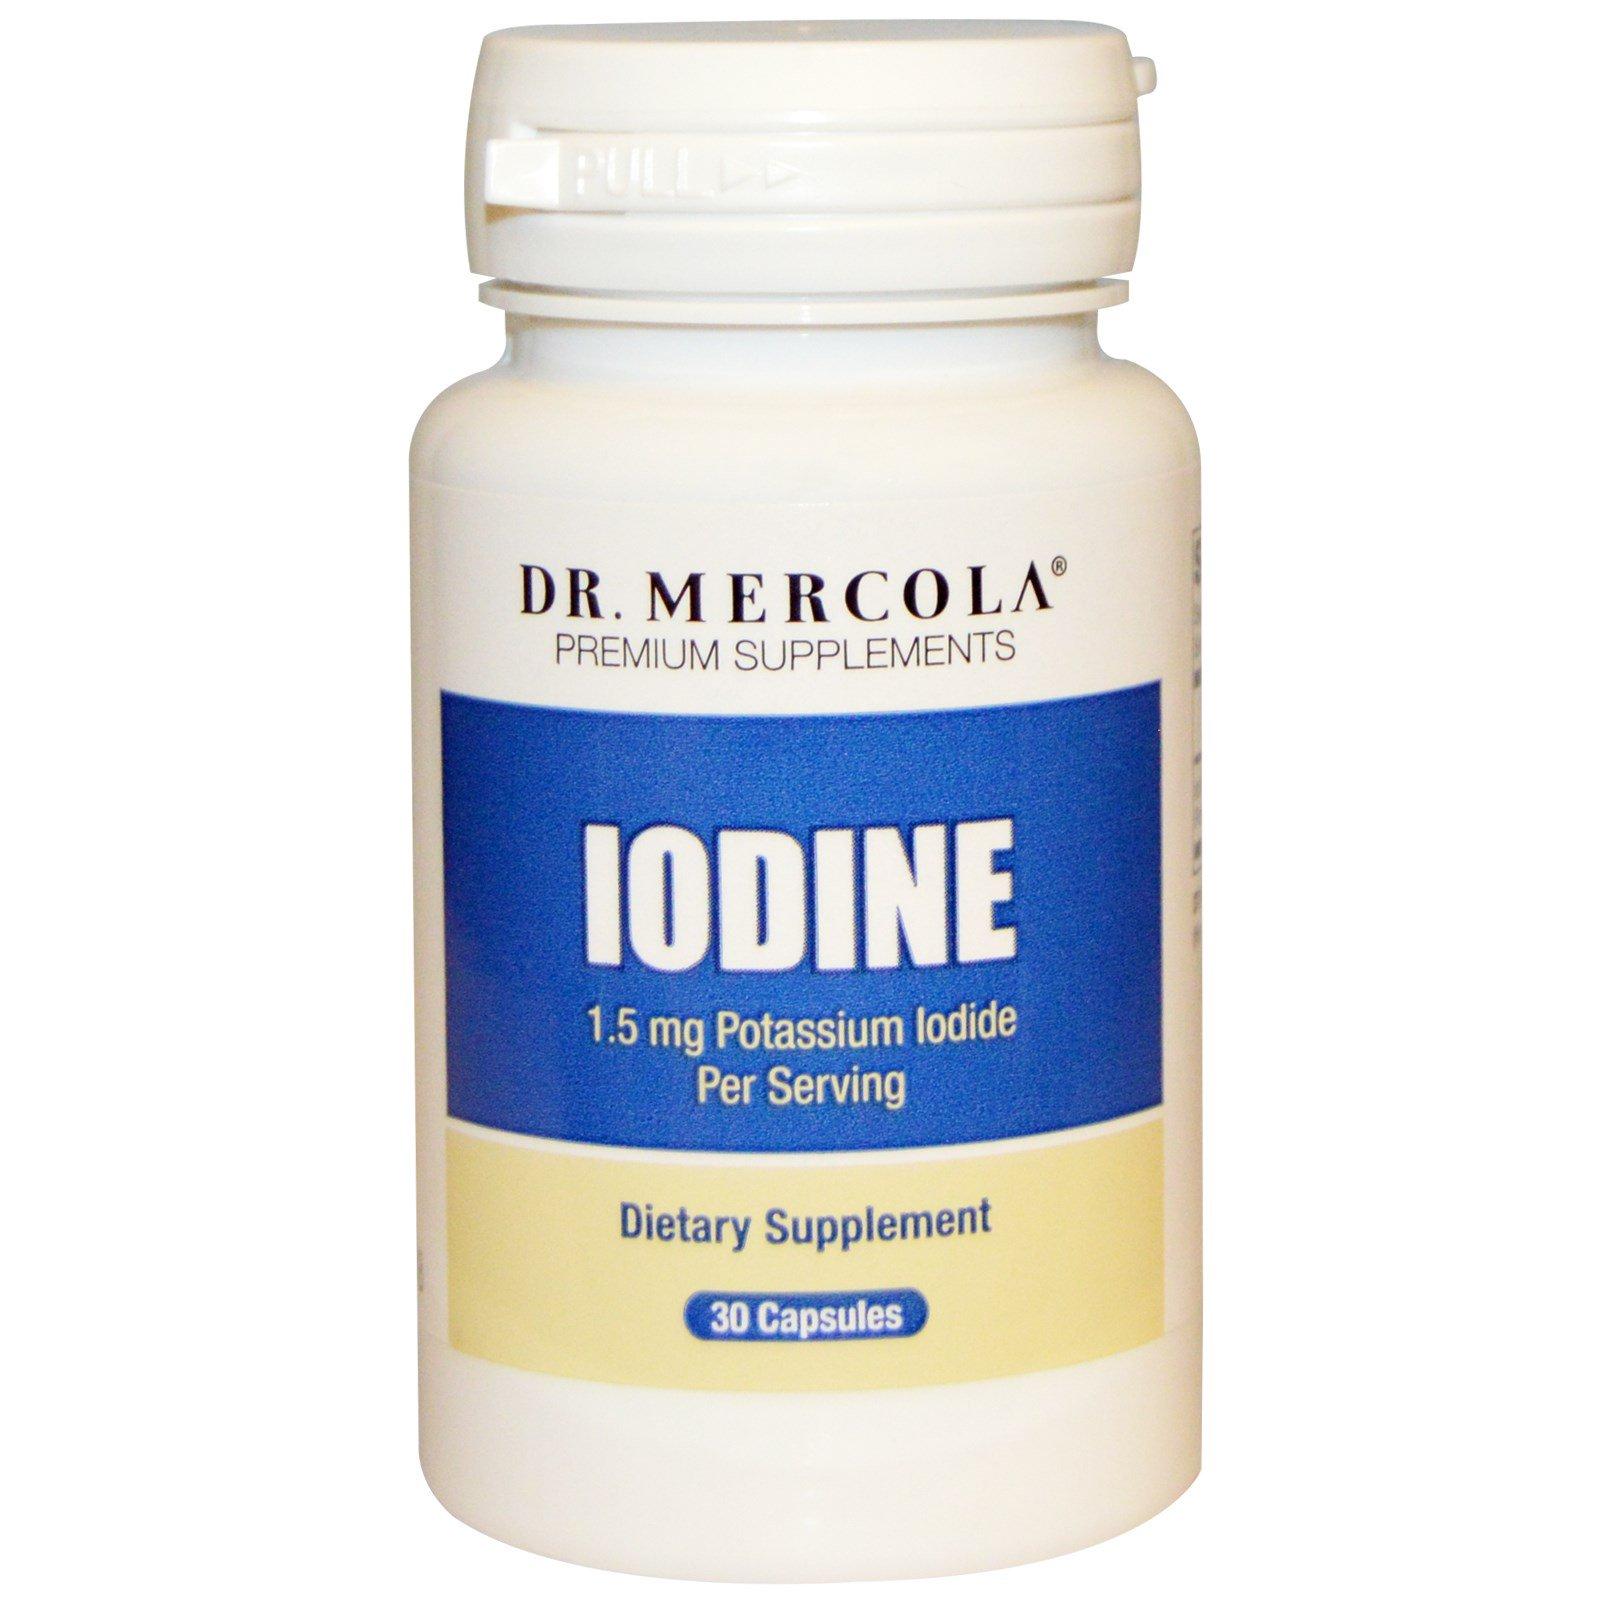 Dr. Mercola, Iodine, 1.5 mg, 30 Capsules - iHerb.com